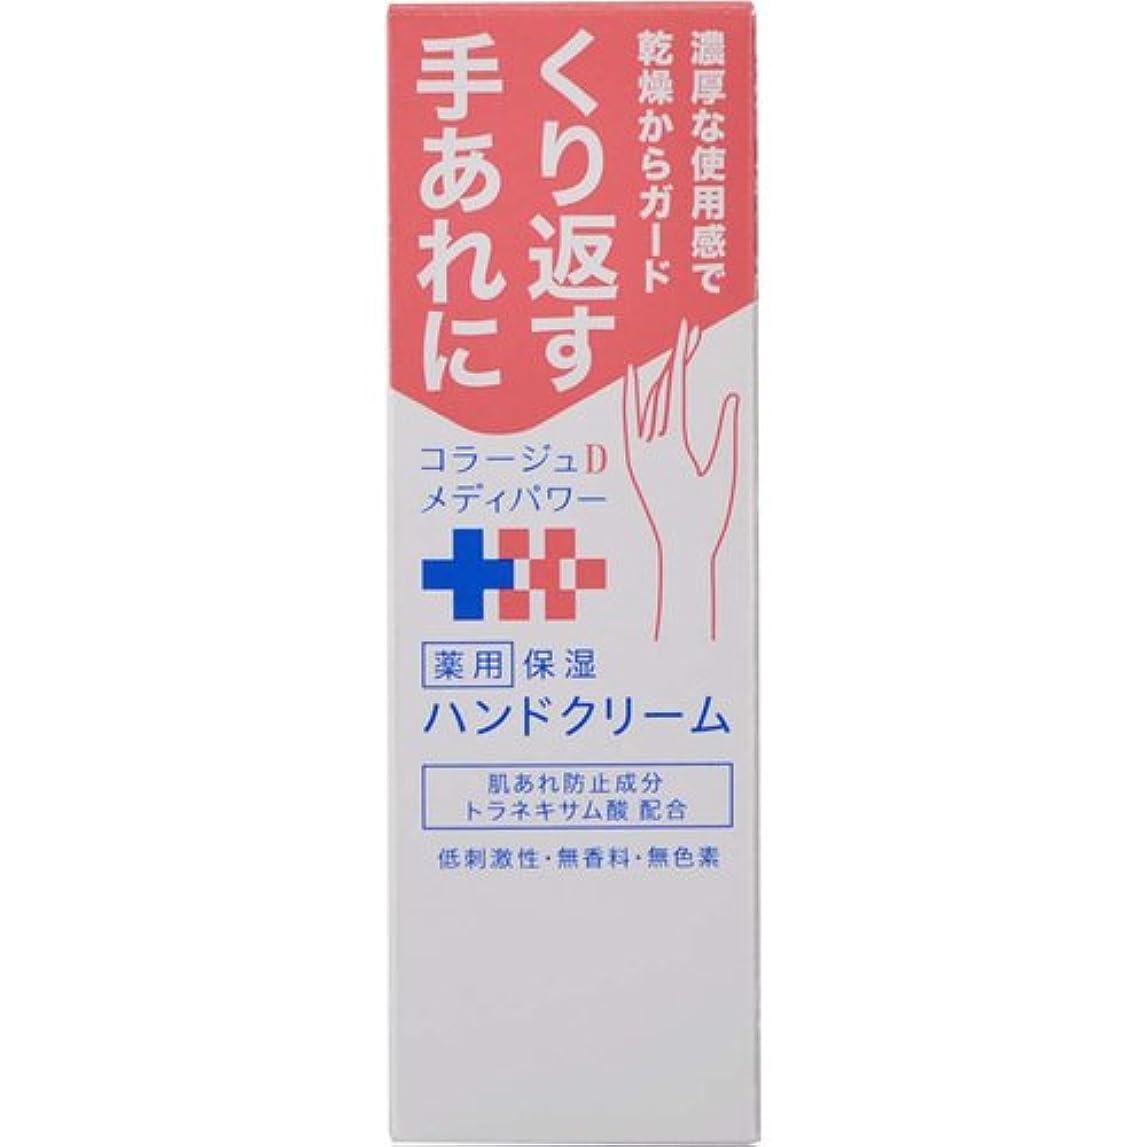 敬礼開発横コラージュ D メディパワー 保湿ハンドクリーム 30g 【医薬部外品】